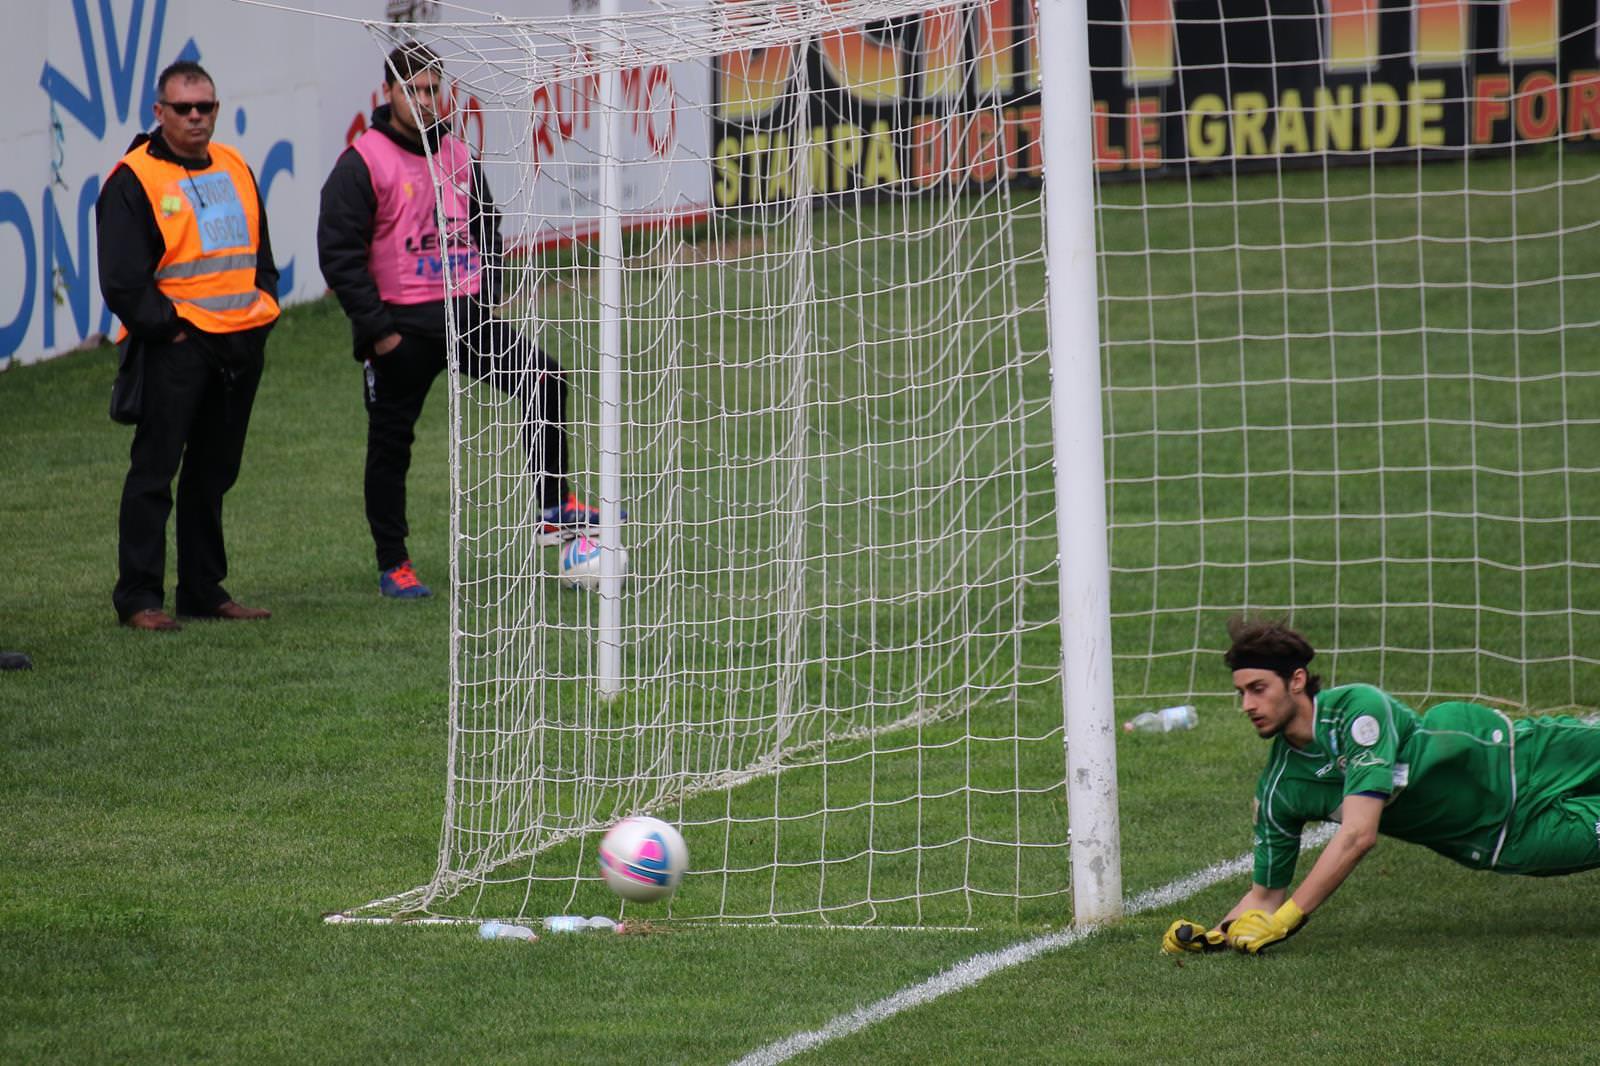 """Furlan: """"Ho avuto sfortuna sul gol di Campagnacci"""""""